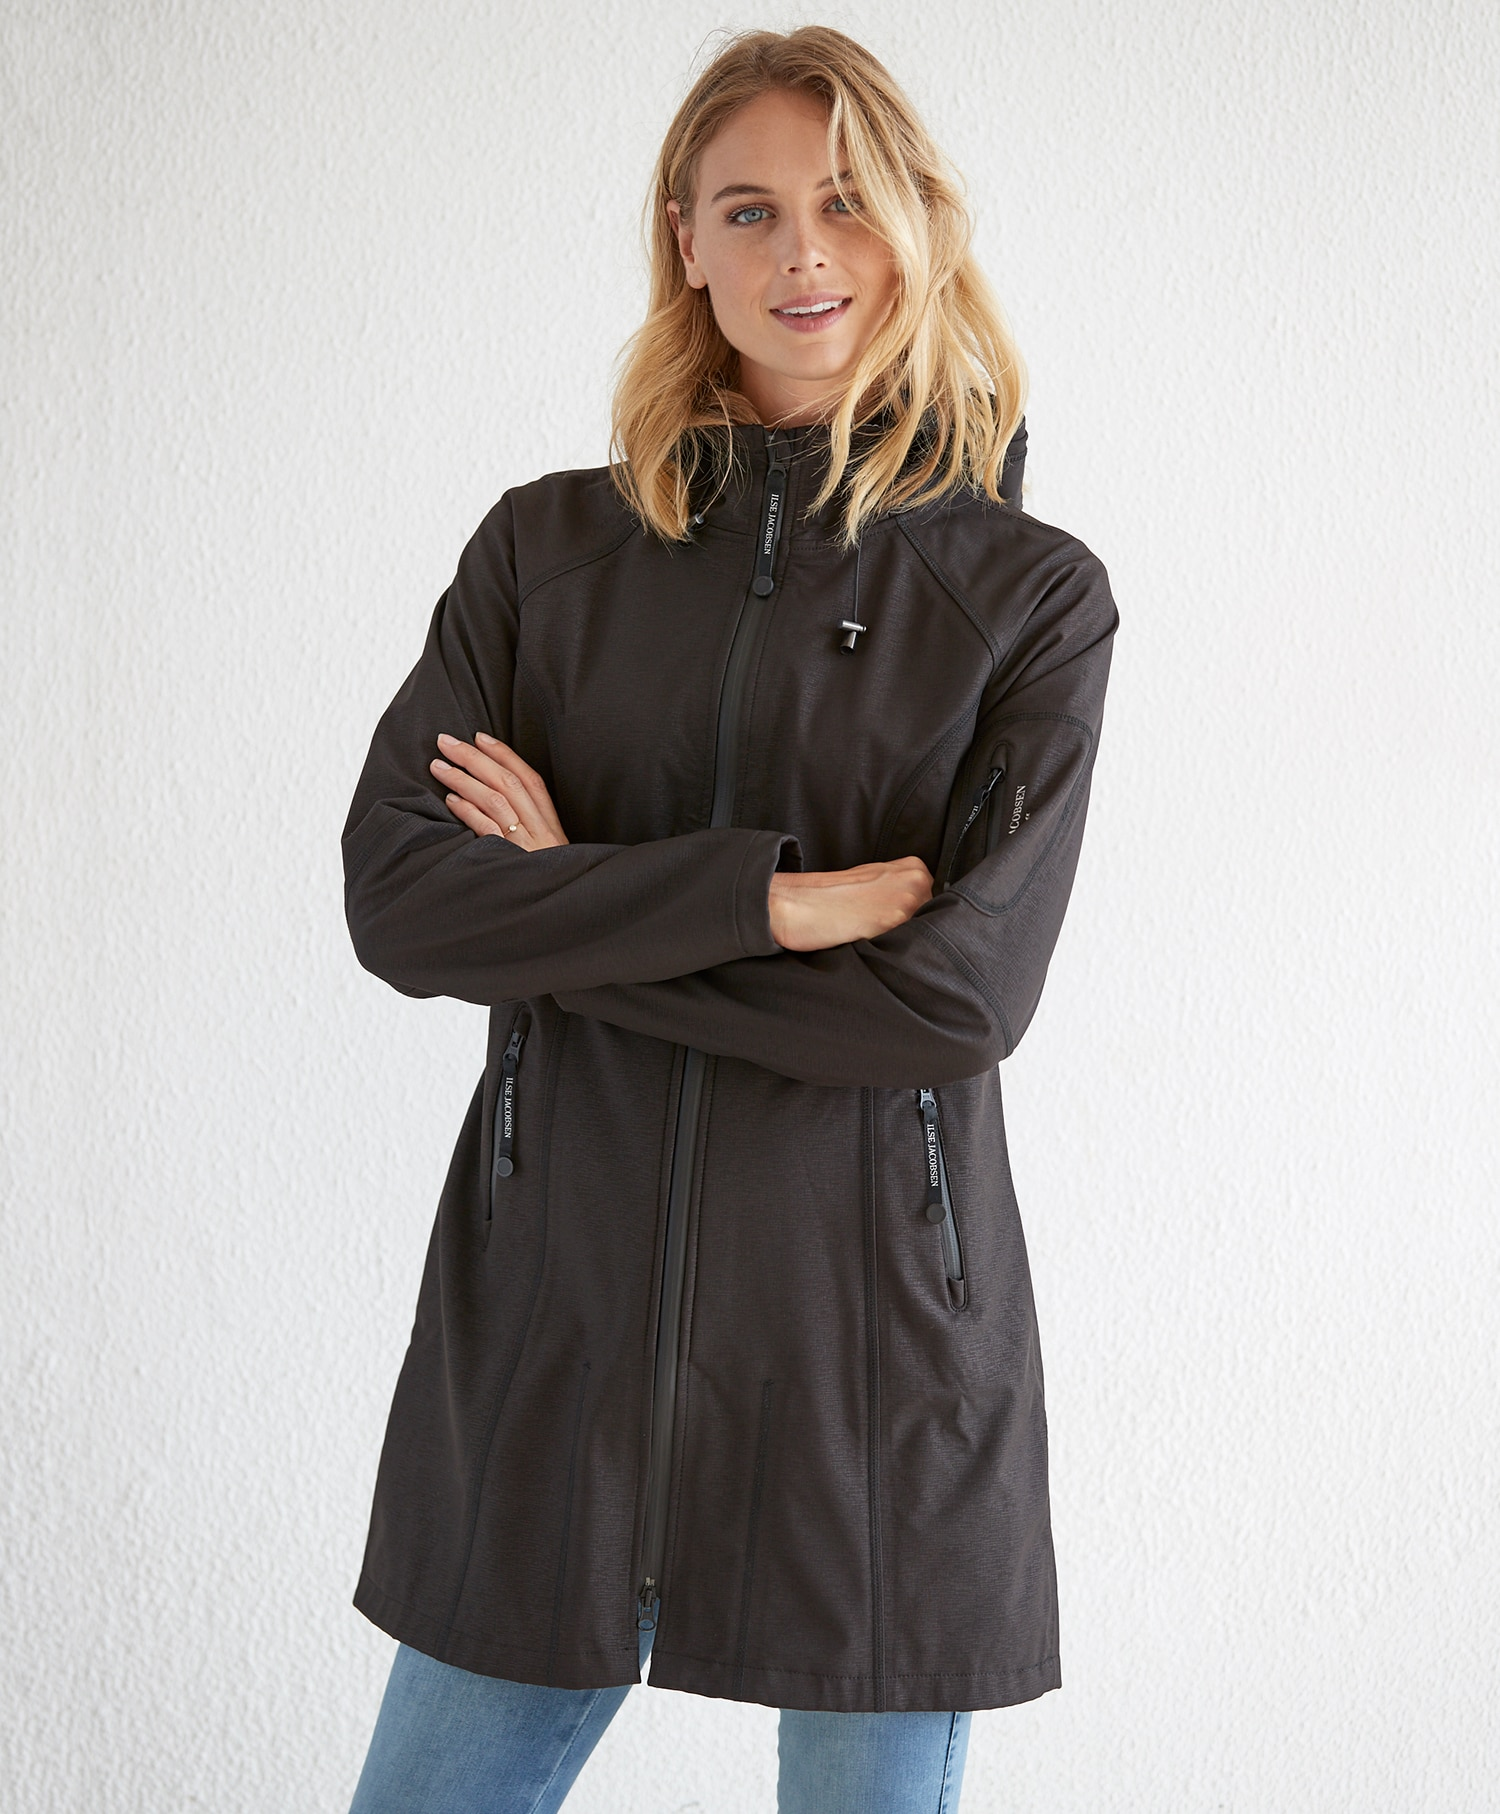 Ilse Jacobsen Rain37